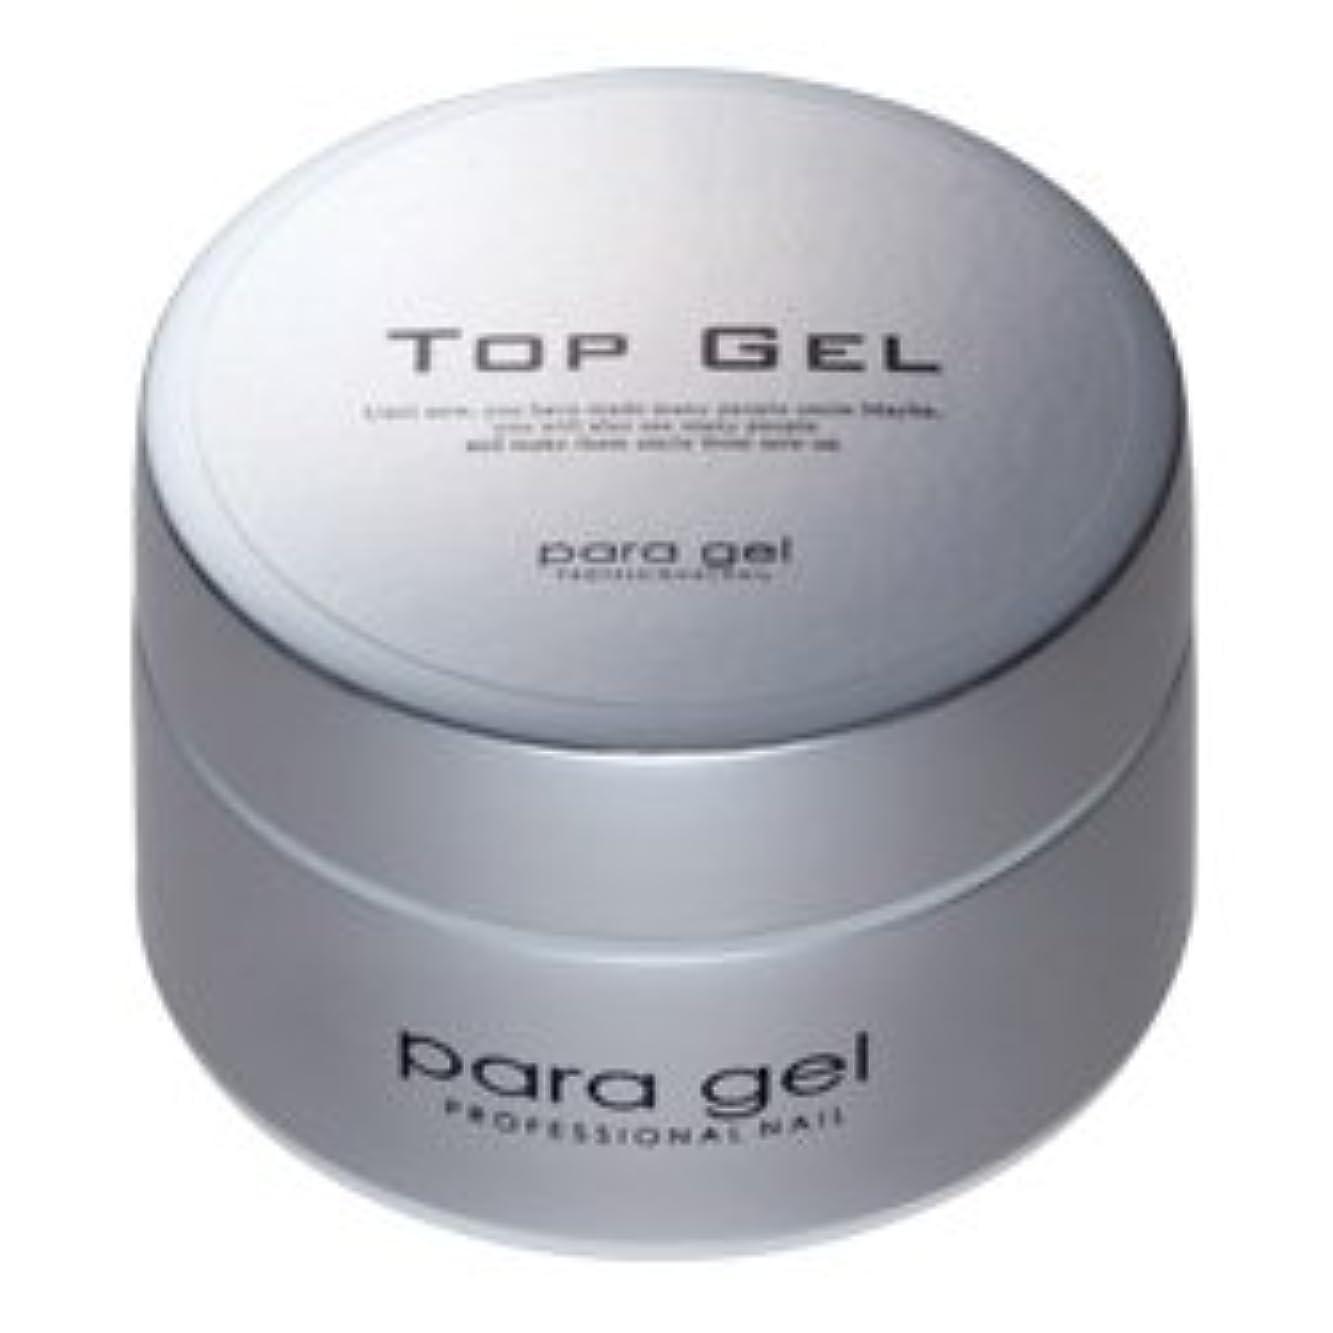 横不定哀れな★para gel(パラジェル) <BR>トップジェル 10g